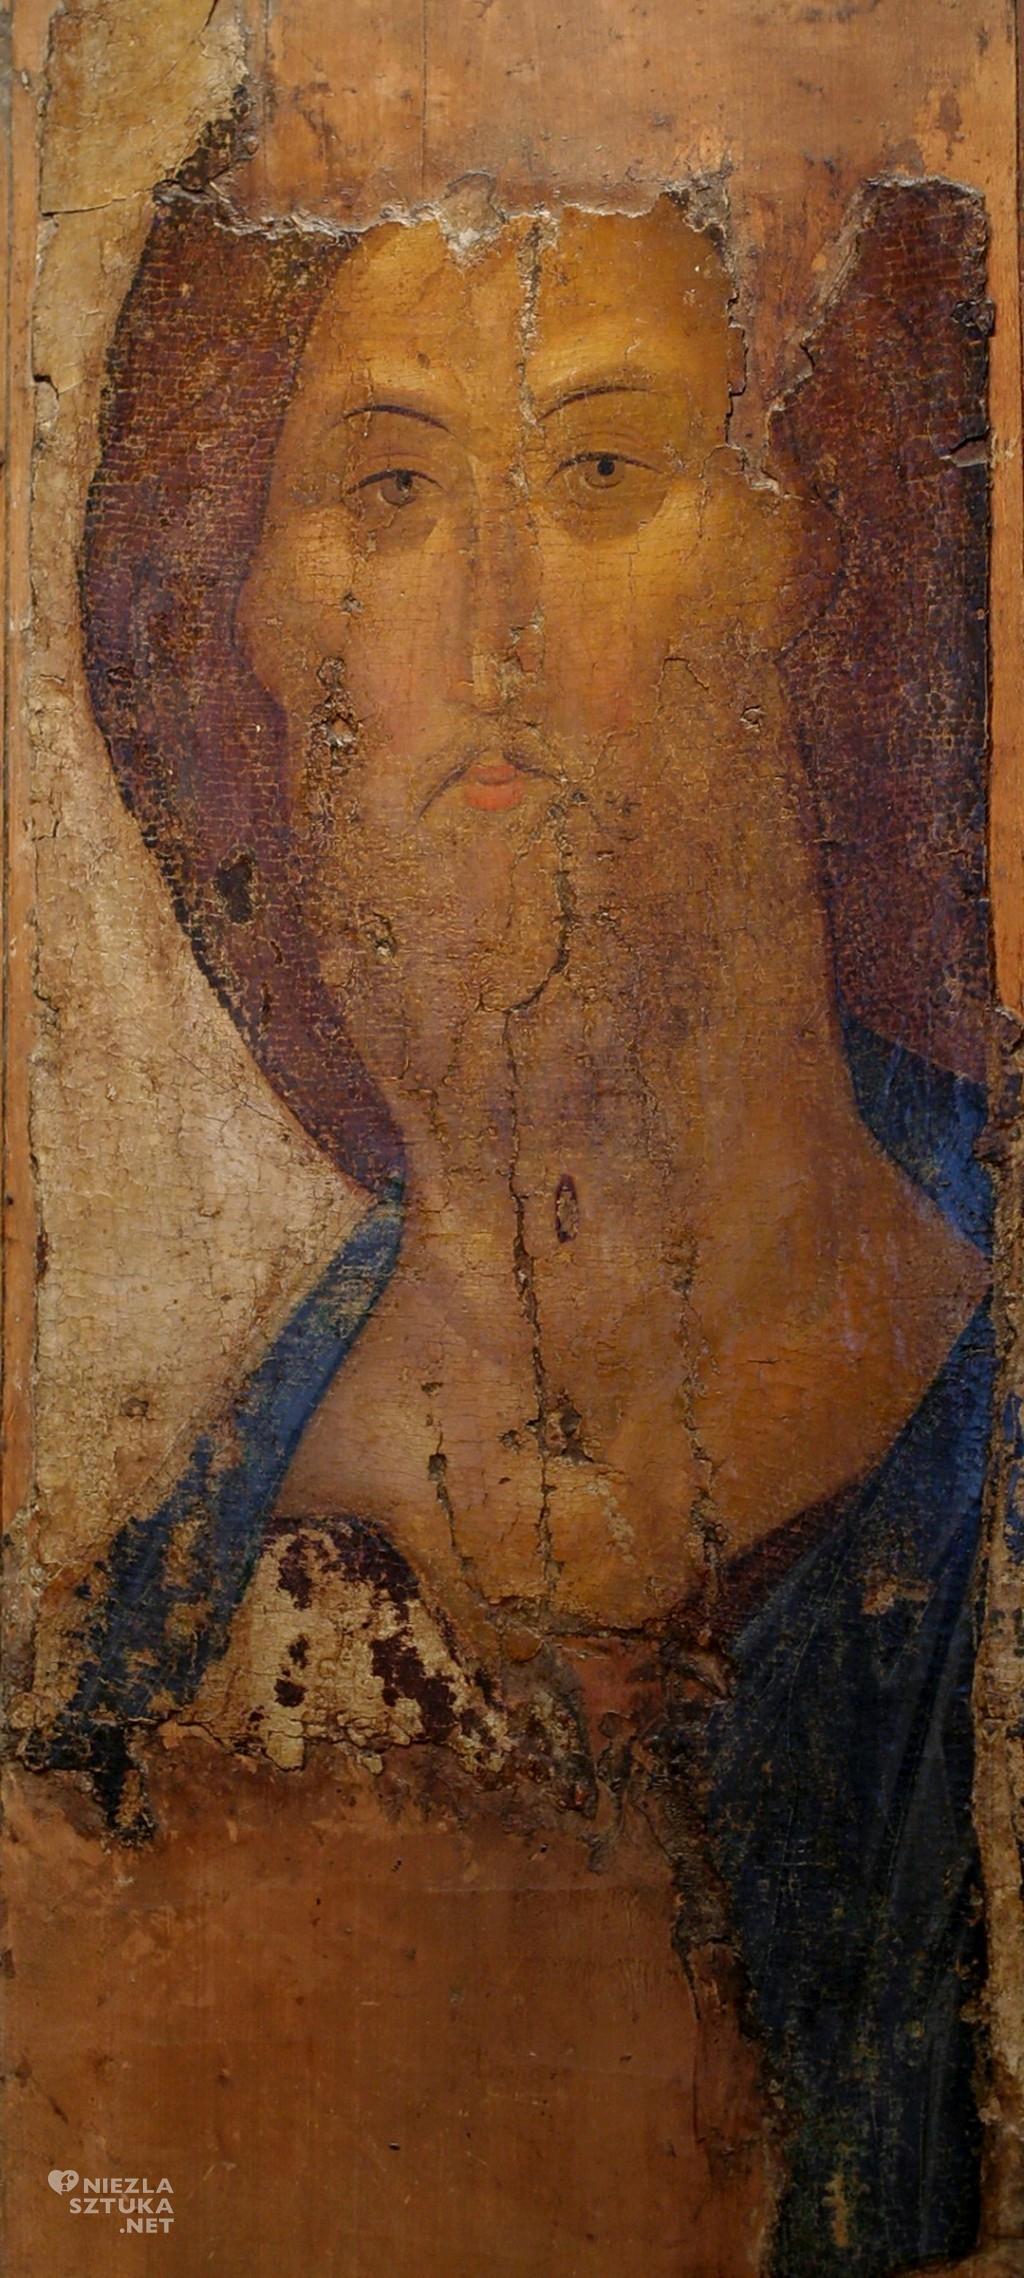 Andriej Rublow Spas Zwienigrodzkij (ikona Chrystusa-Zbawiciela), 1448